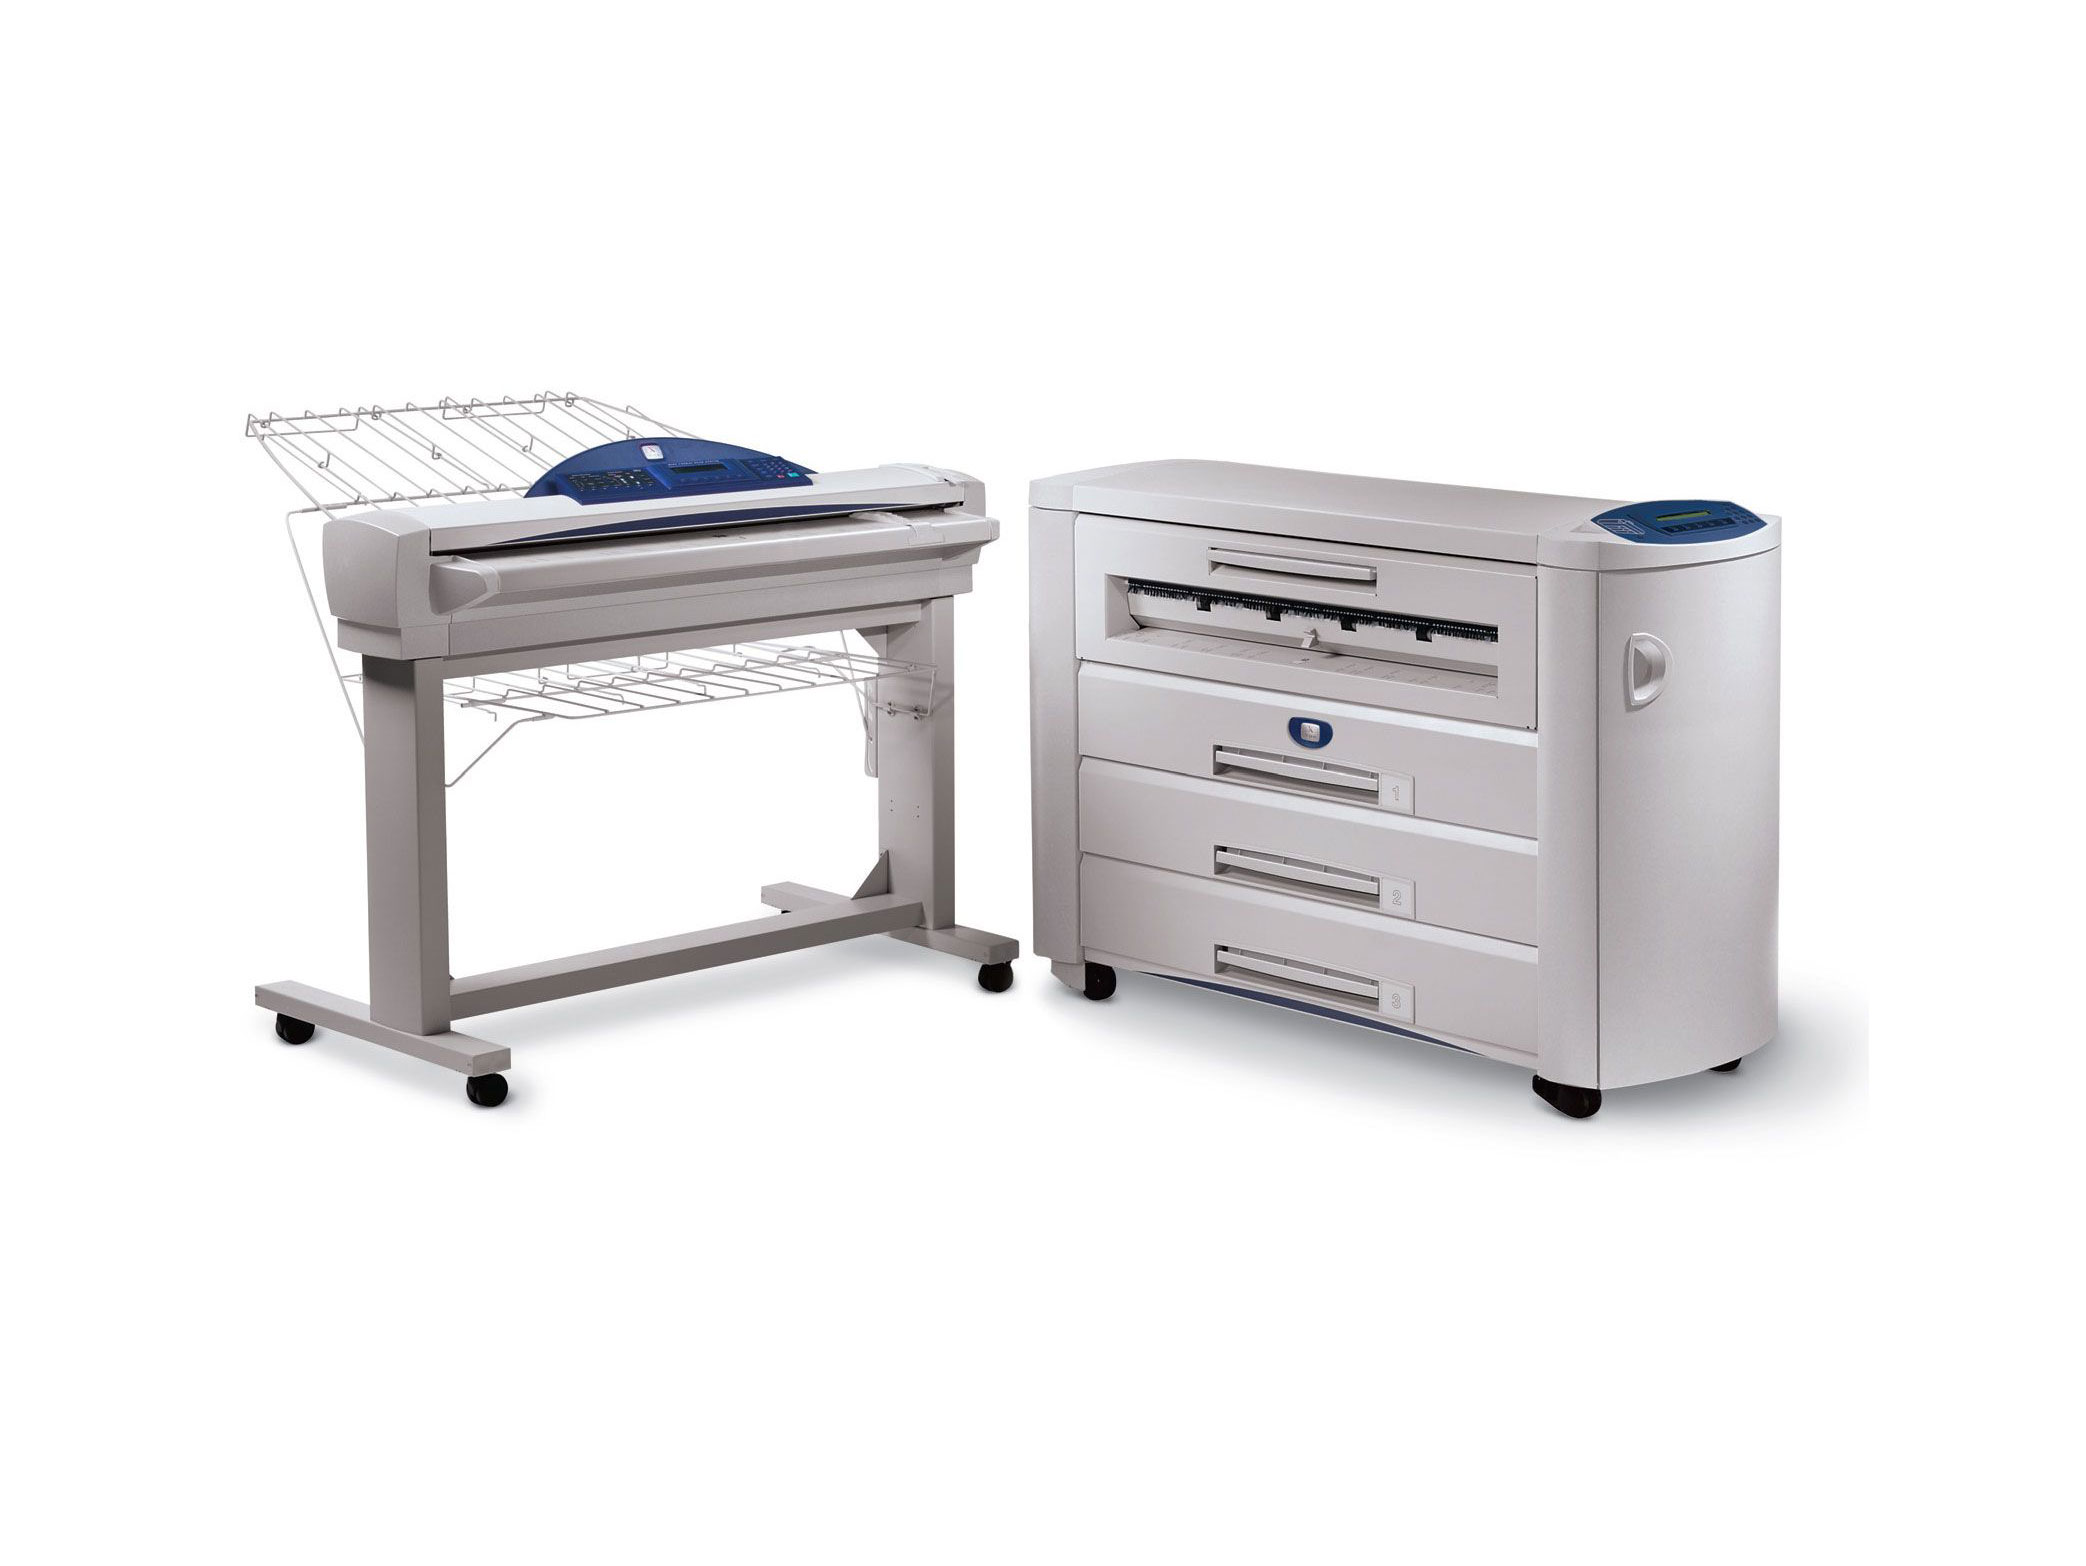 Precio Xerox 510